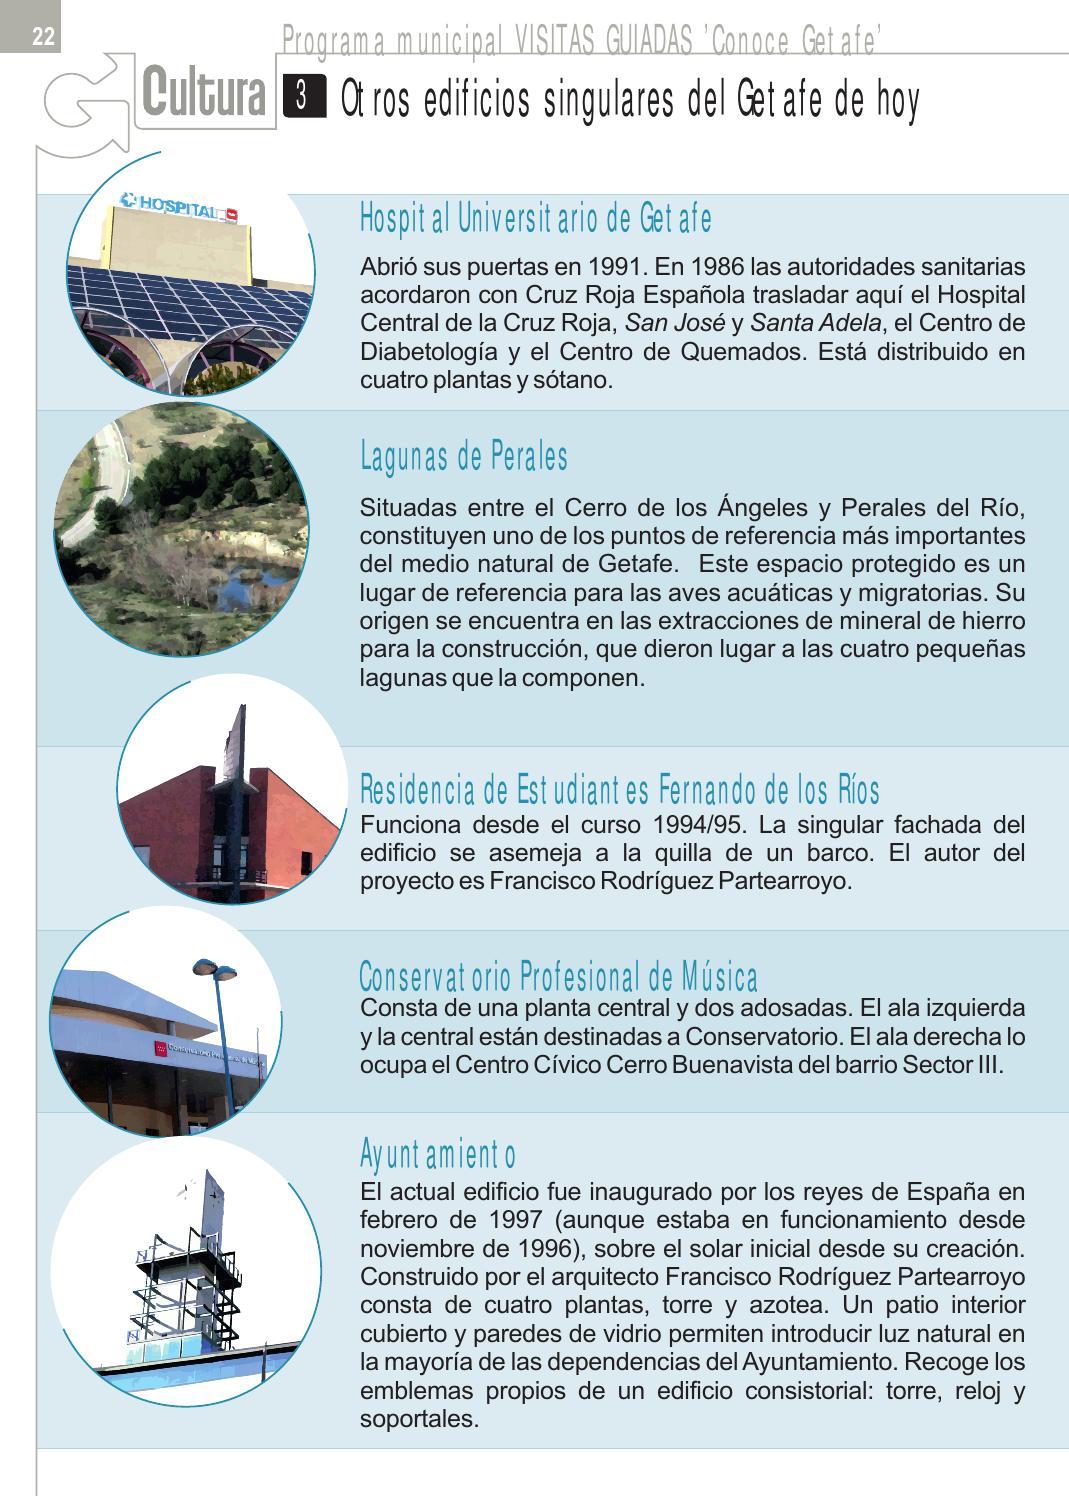 Agenda Cultural Nº 5 Conoce Getafe By Ayuntamiento De Getafe Servicio De Comunicación Issuu